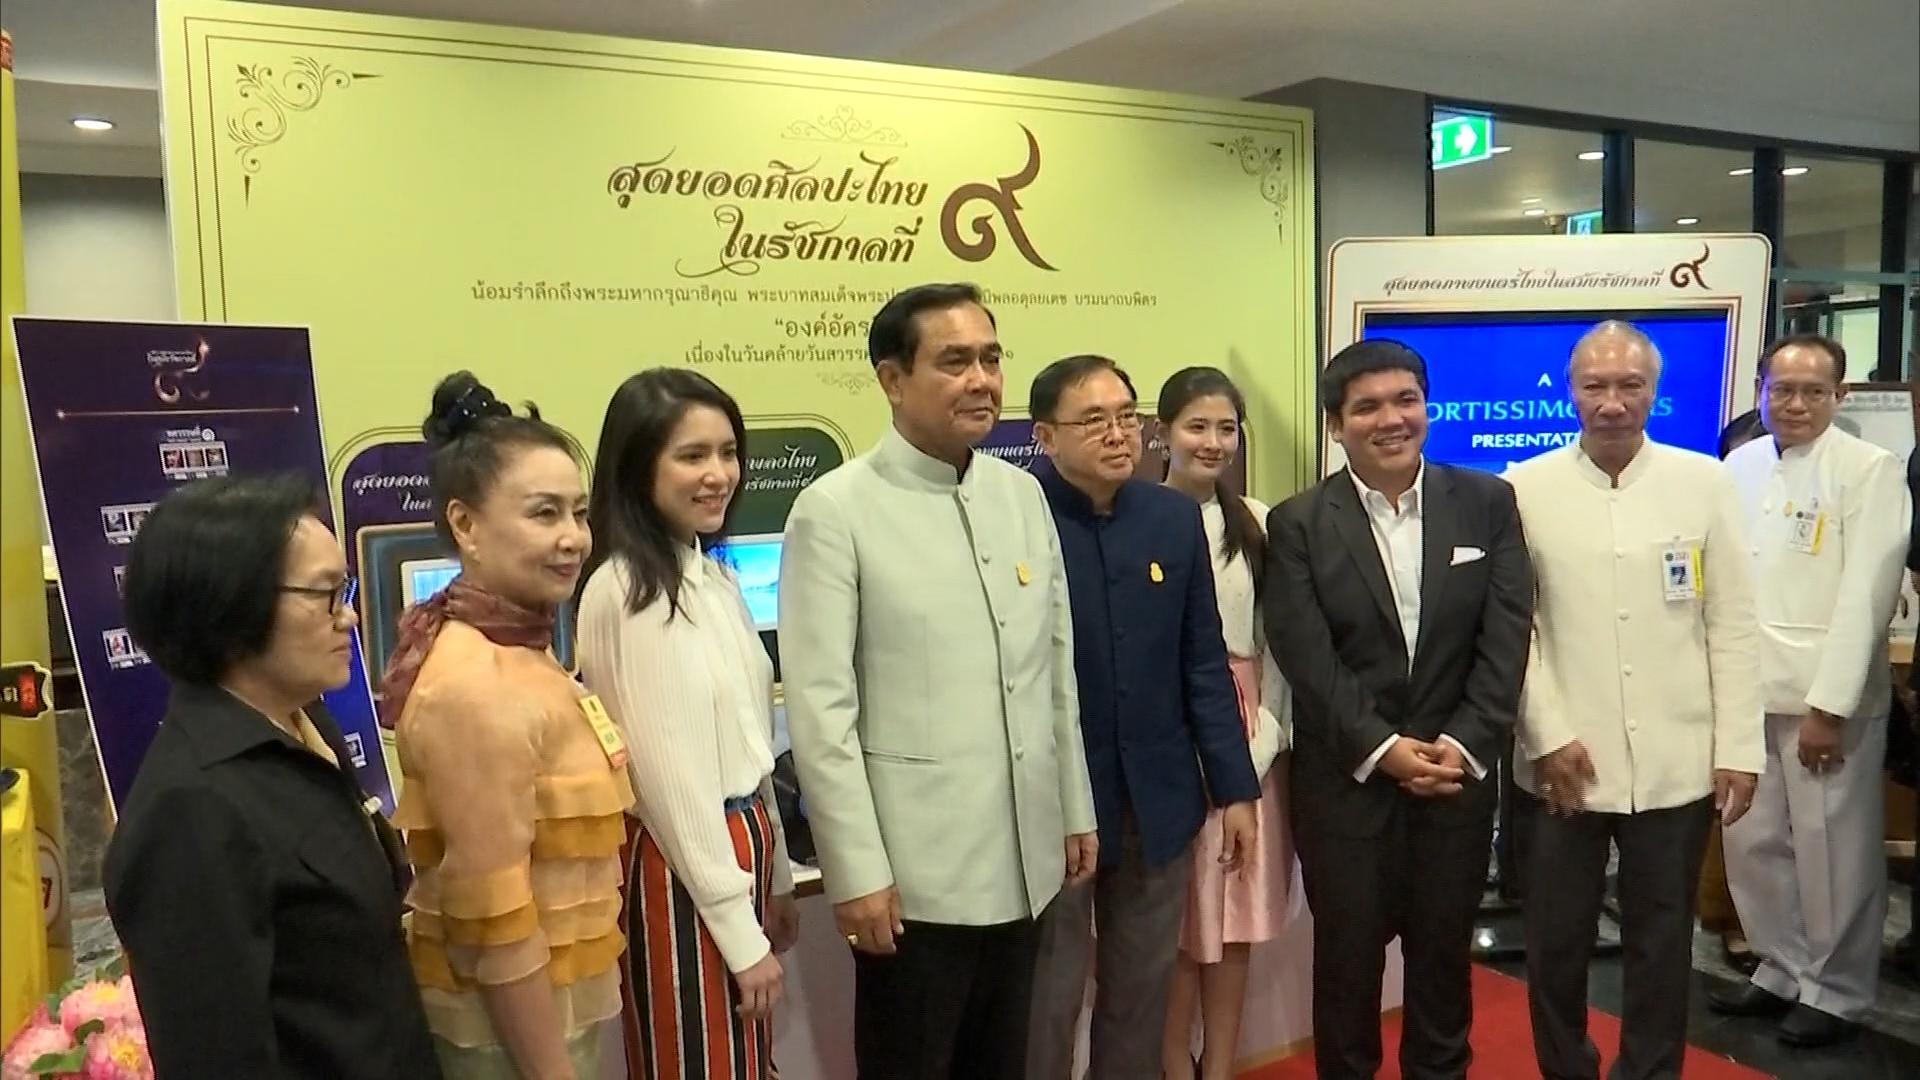 อัครศิลปิน วัฒนธรรมไทย 4 ภาค การแสดงนาฏศิลป์ไทย การแสดงโขน โชว์ ละครเวที ละครเทิดพระเกียรติในหลวง ละครเพื่อในหลวง